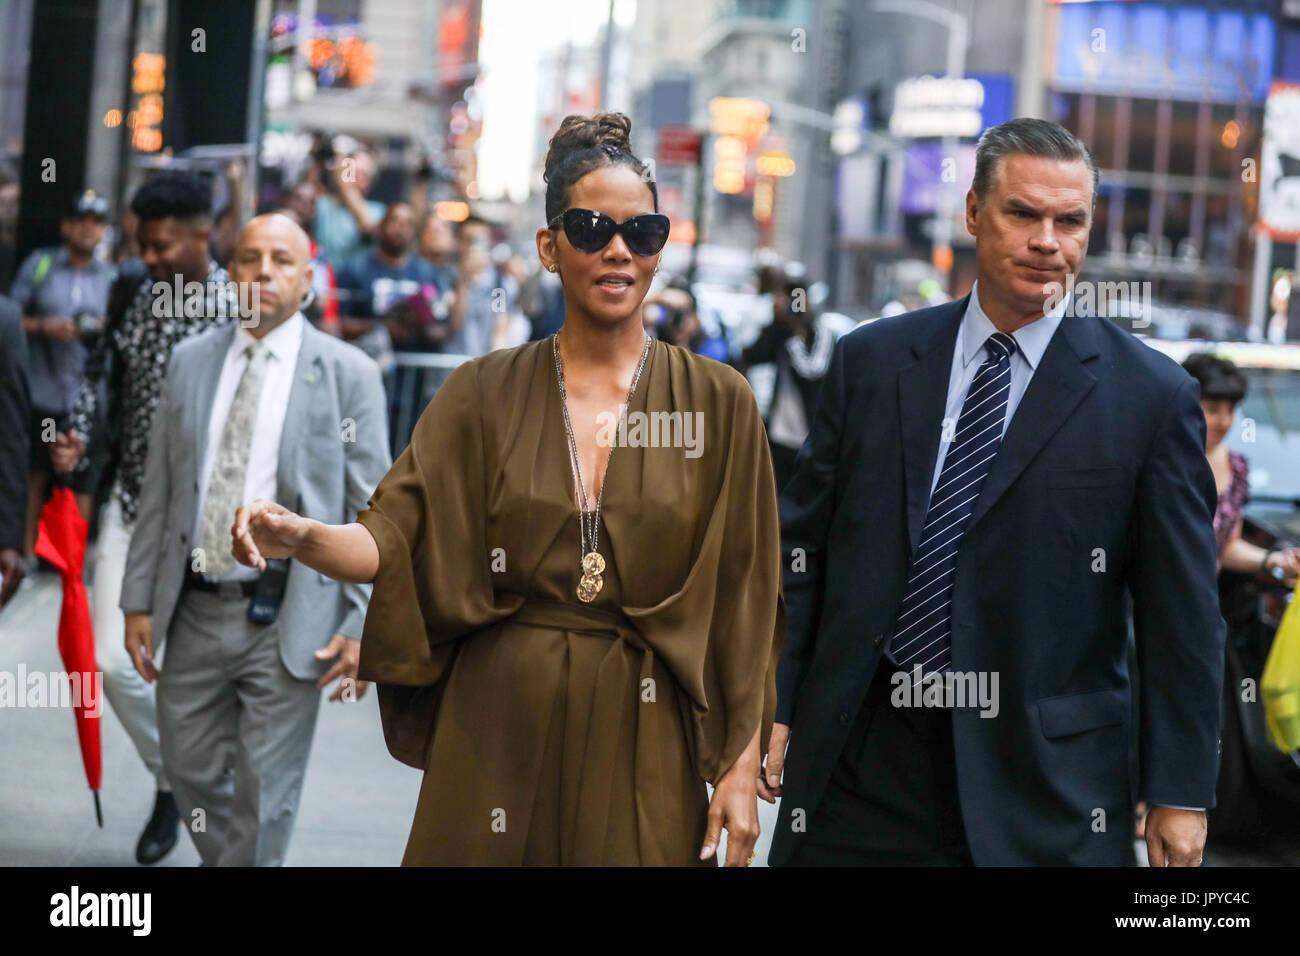 New York, USA. 3e août, 2017. L'actrice américaine Halle Berry est vu en arrivant sur un programme de télévision dans la zone de Times Square de New York ce jeudi, 03. Brésil: Crédit Photo Presse/Alamy Live News Photo Stock